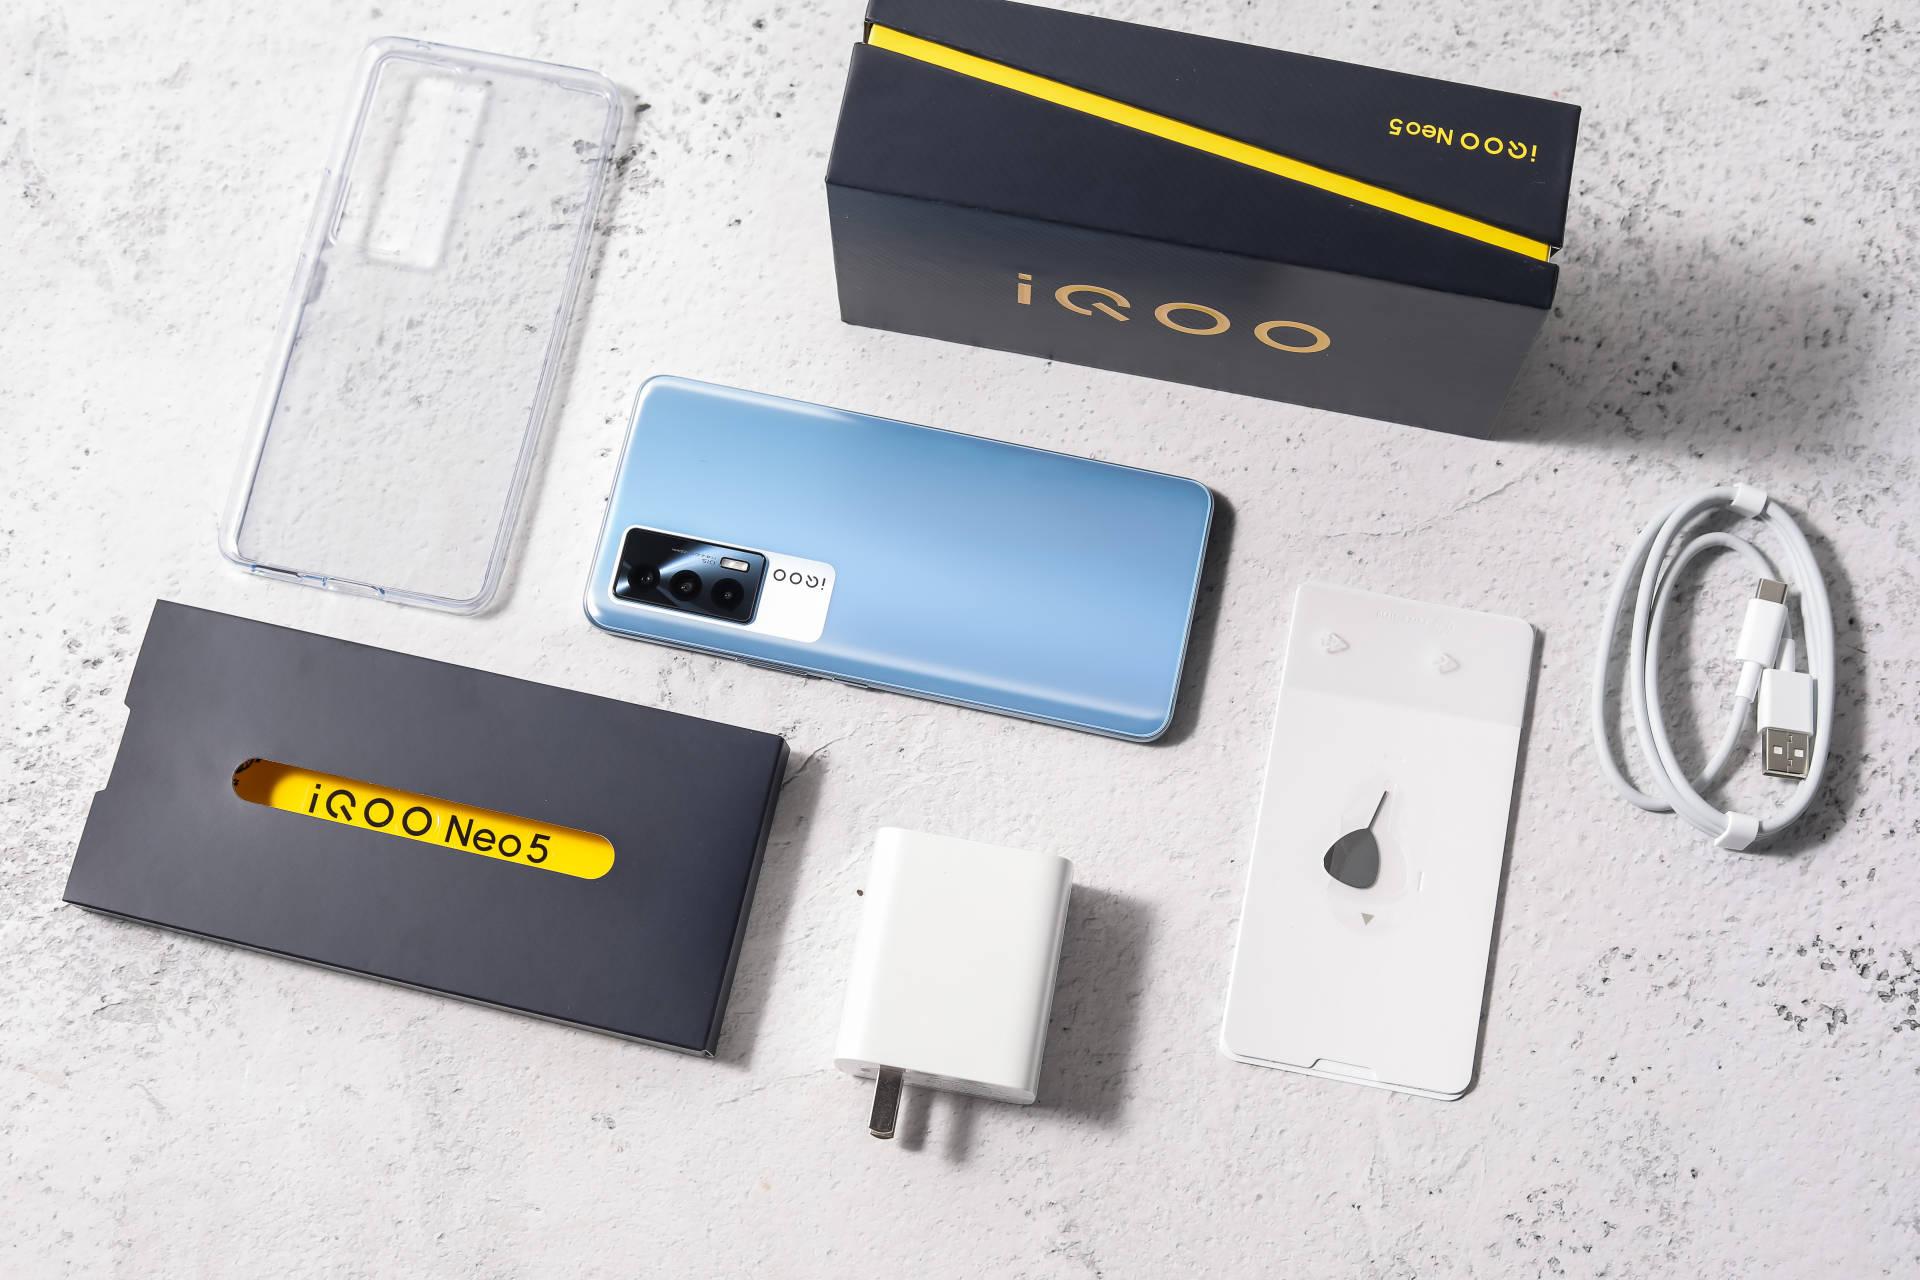 画面显示效果大幅升级?iQOO Neo5开箱抢鲜体验